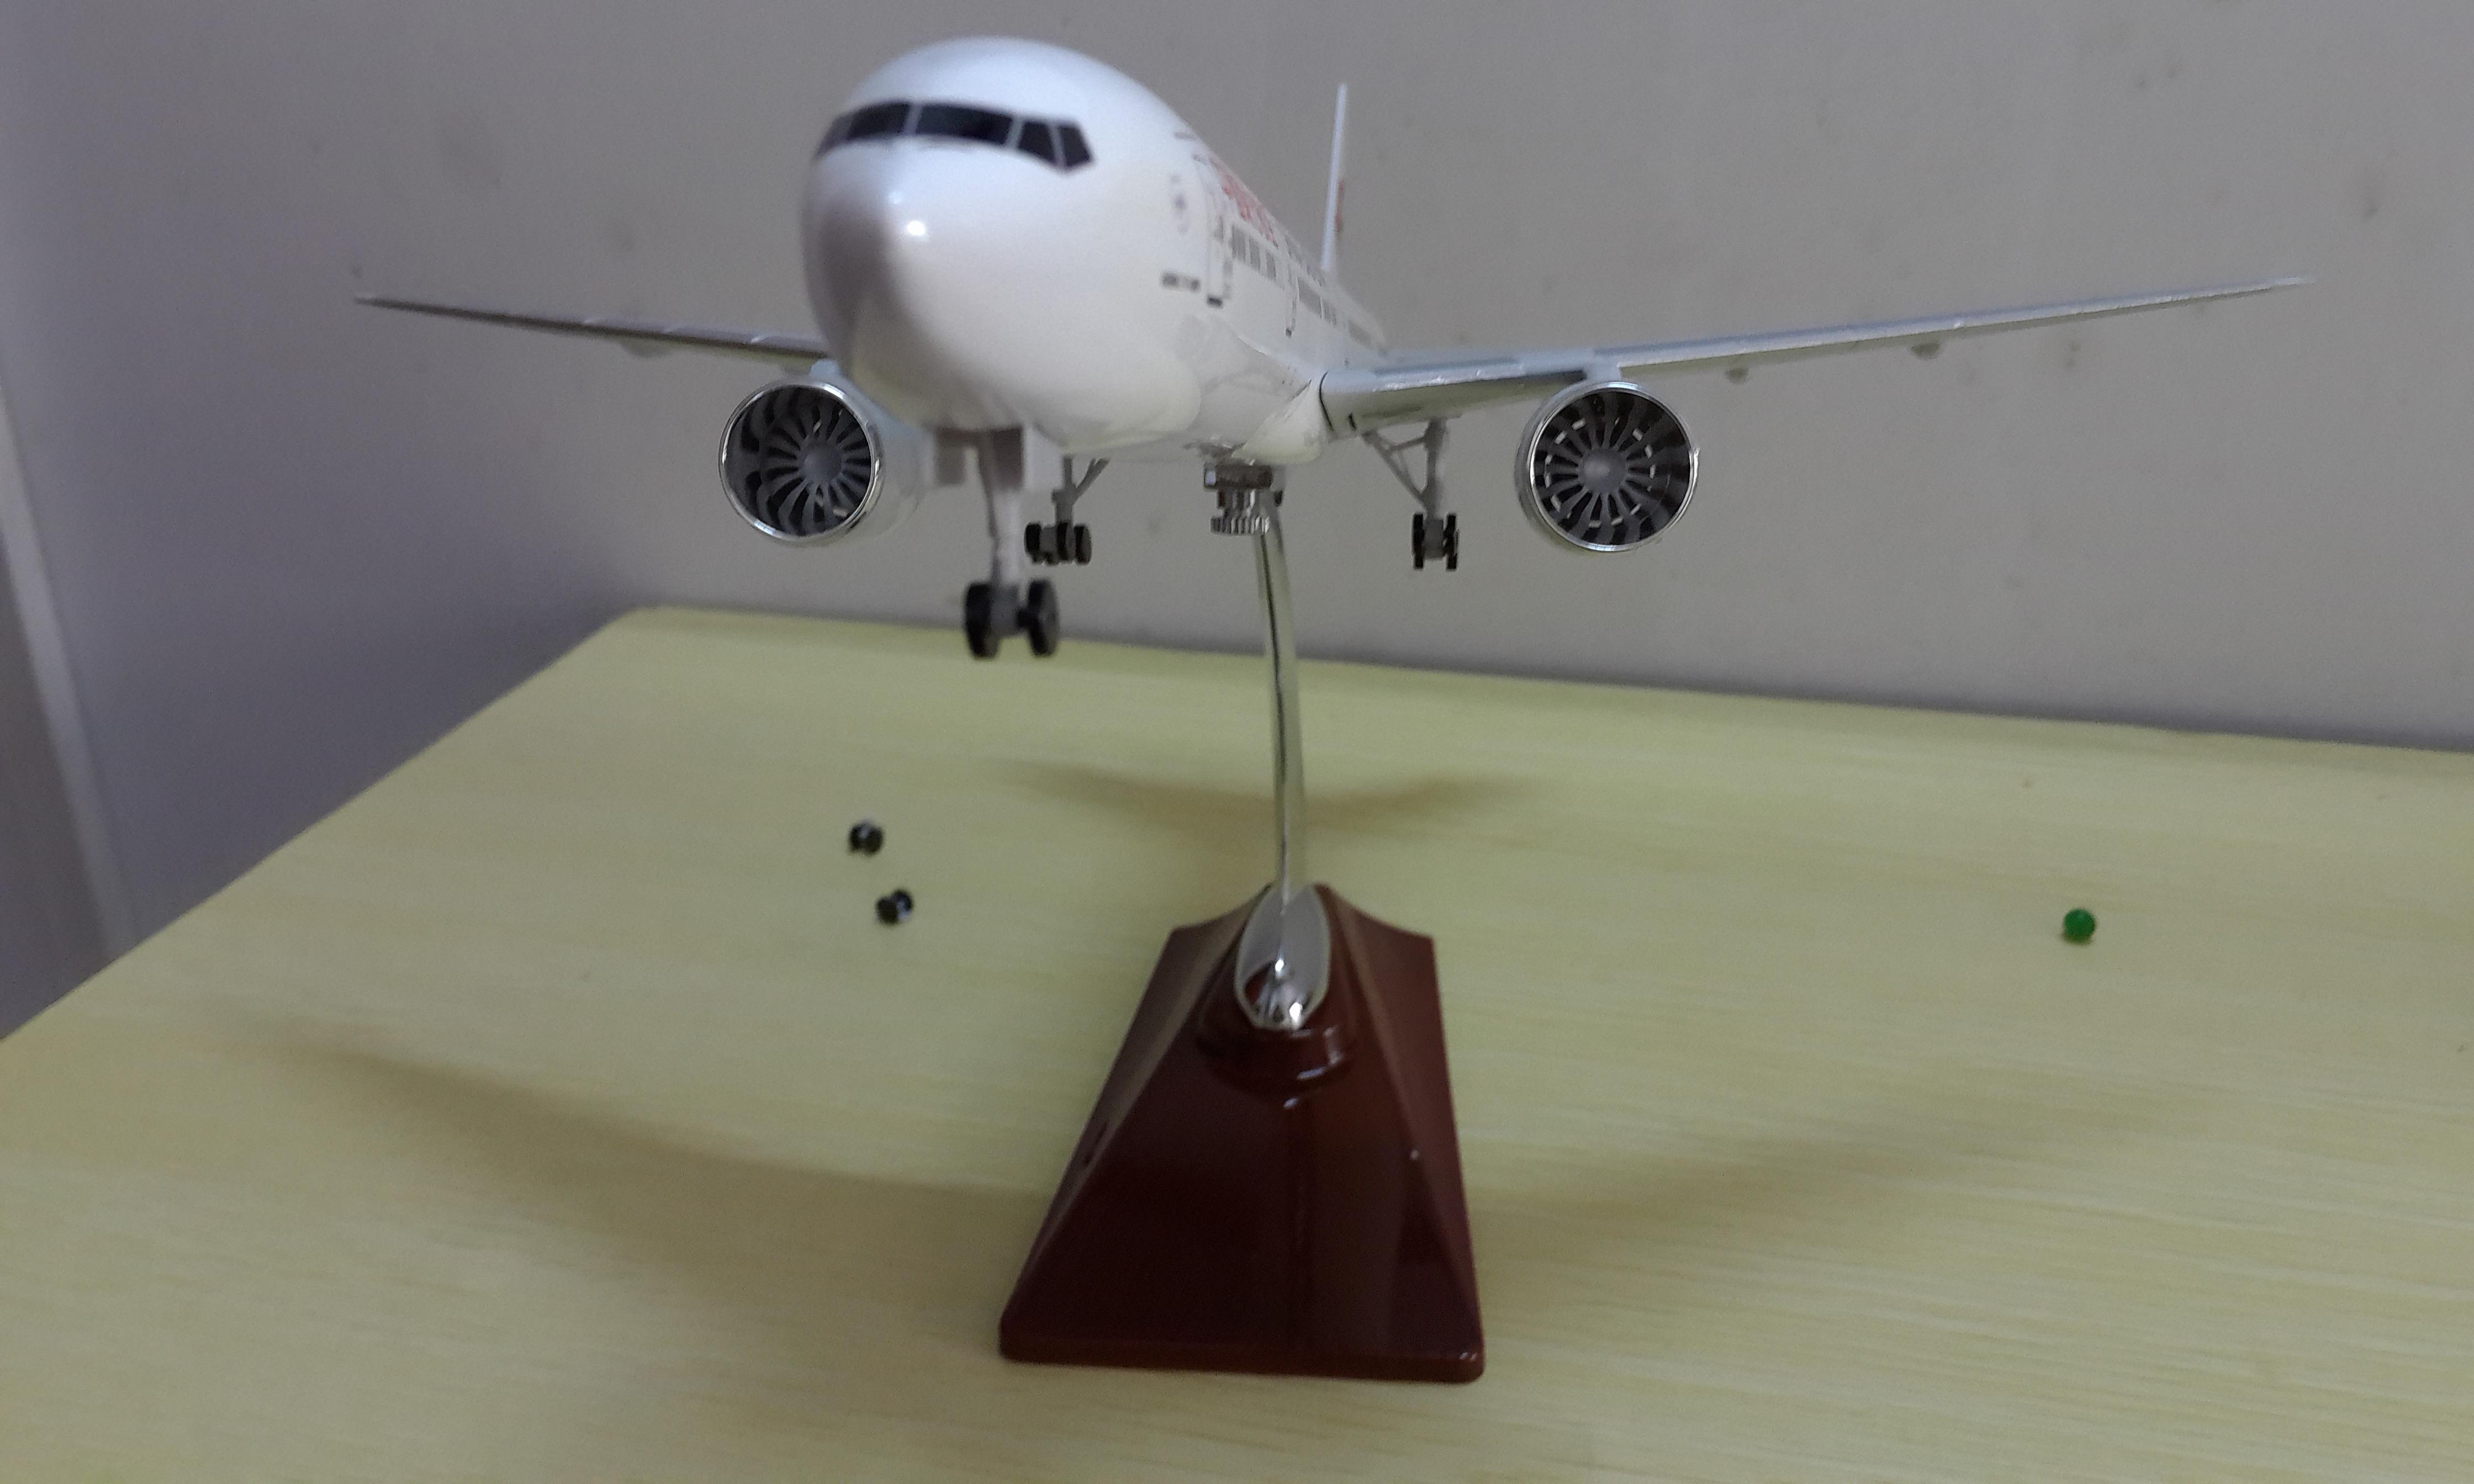 树脂(玻璃钢)材料为主体的飞机模型